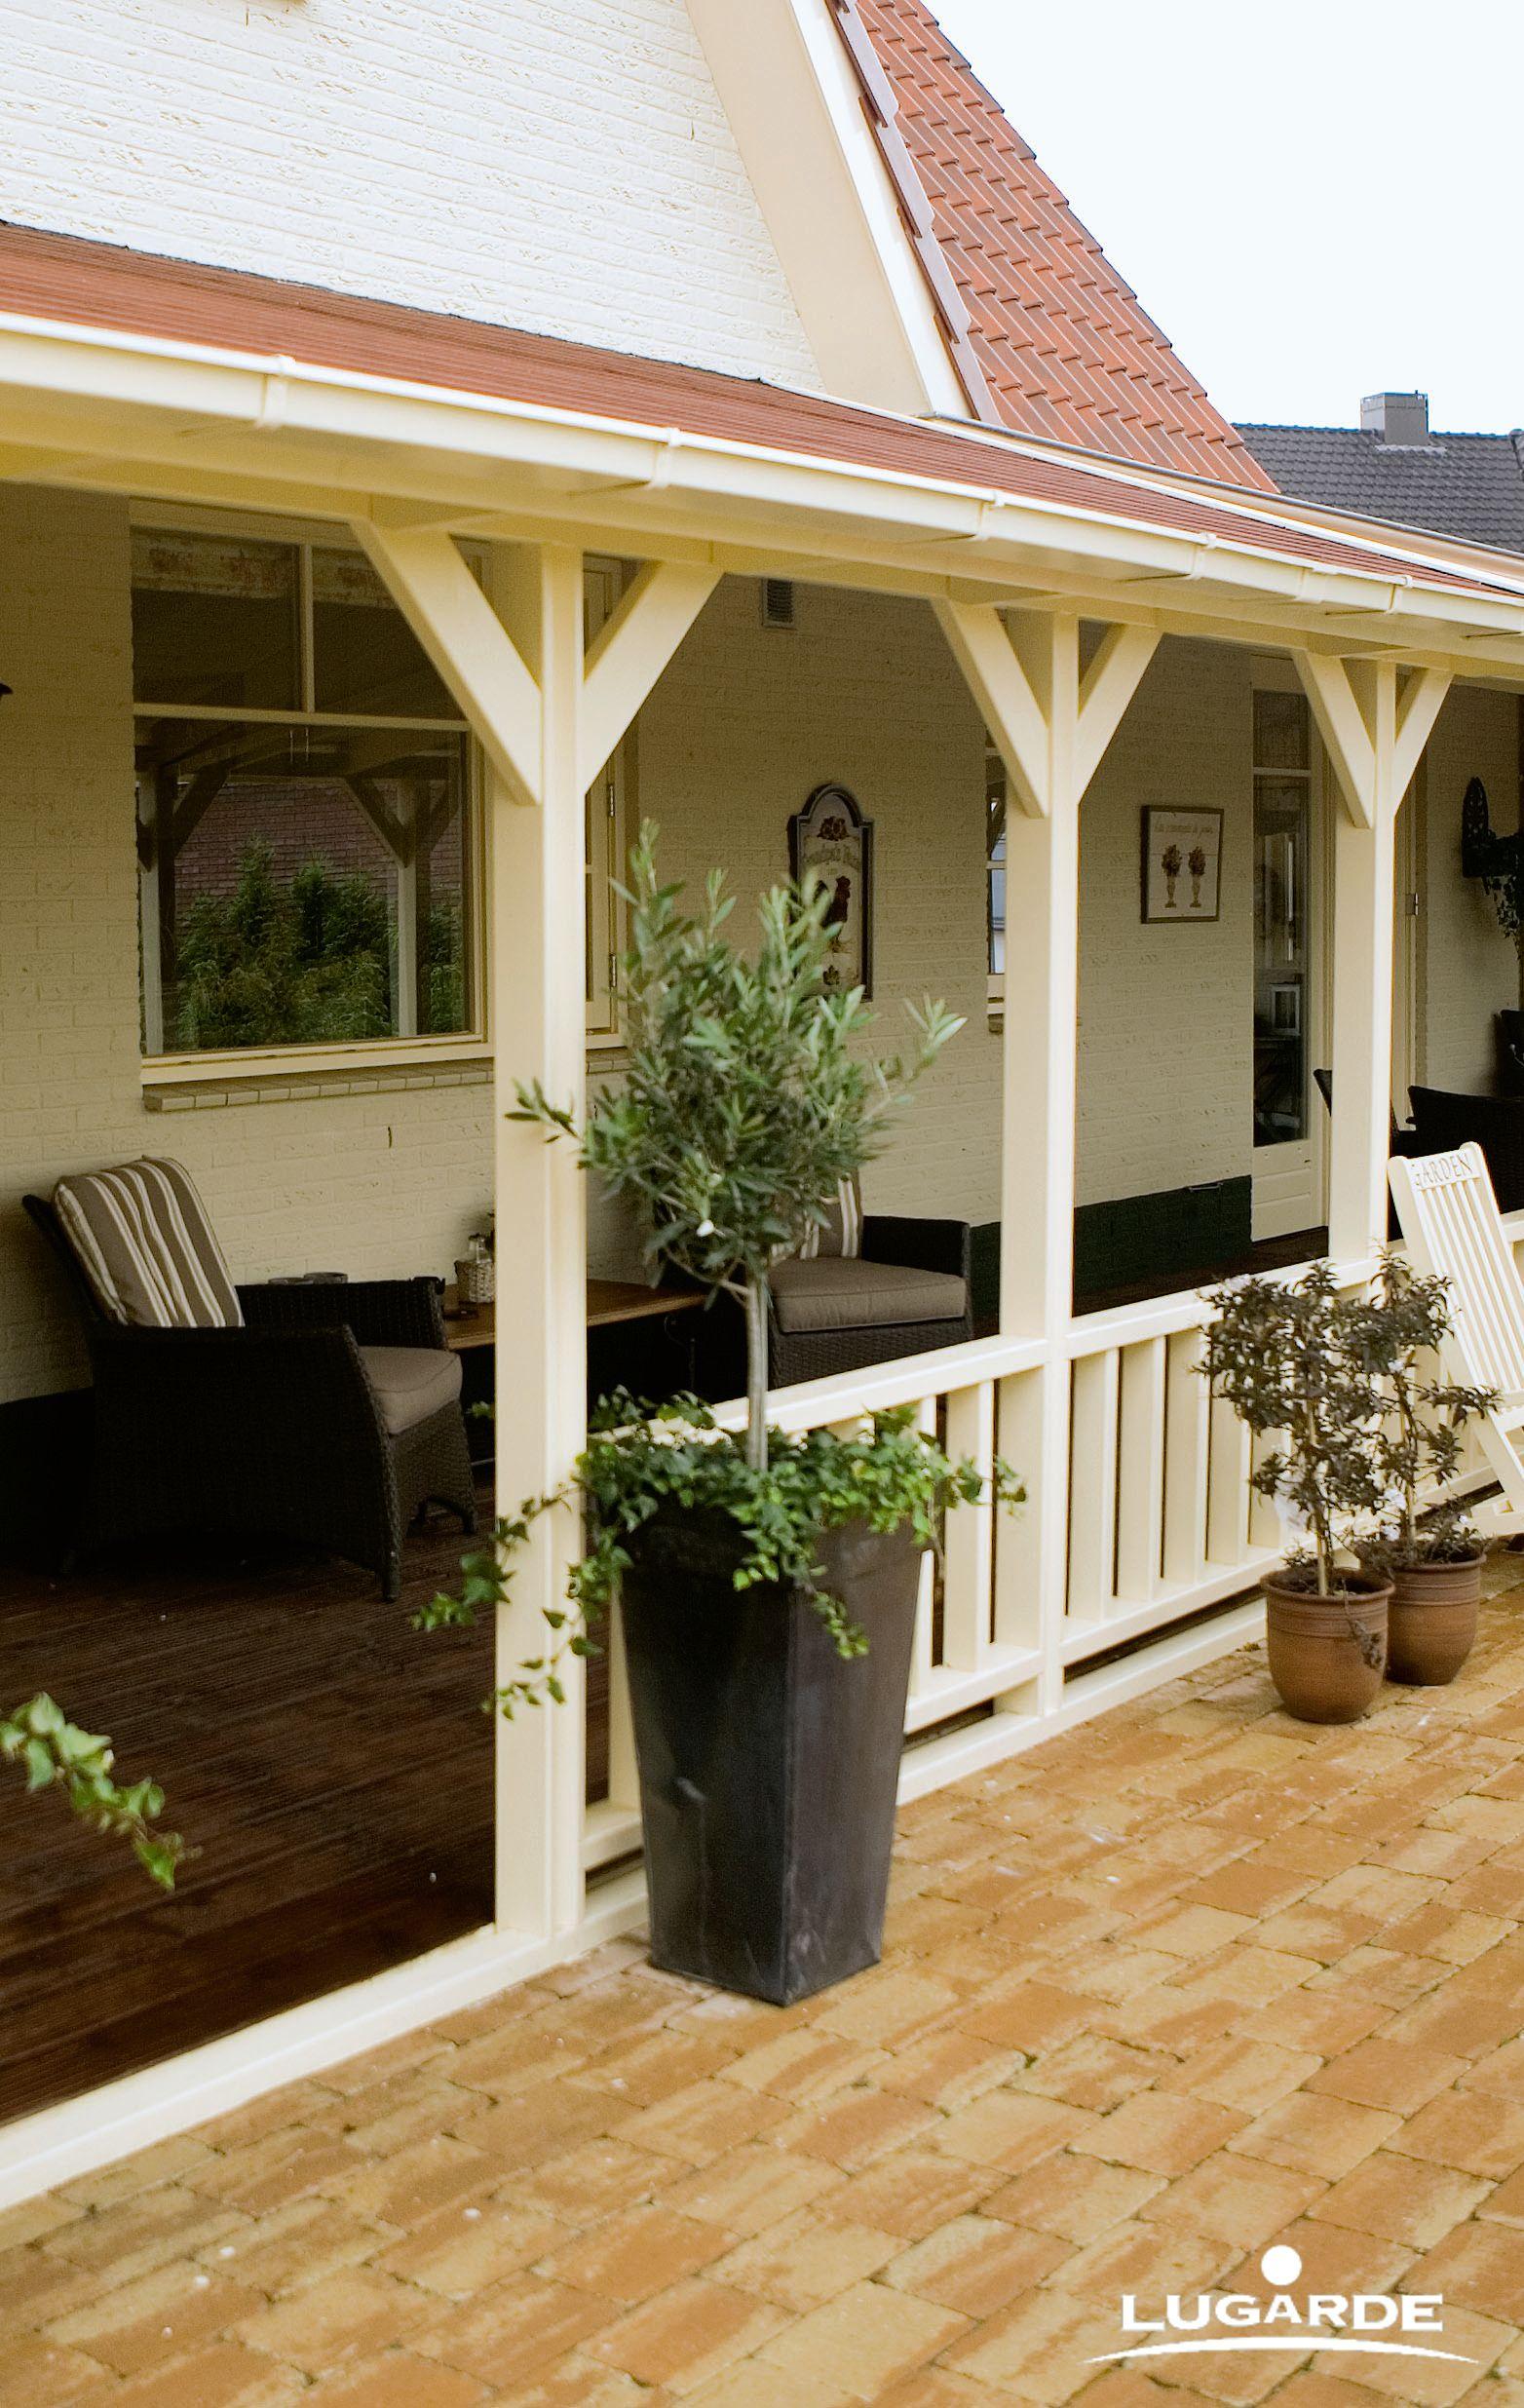 Entspannt Auf Der Veranda Sitzen Und Den Ausblick In Den Eigenen Garten  Genießen   Will Das